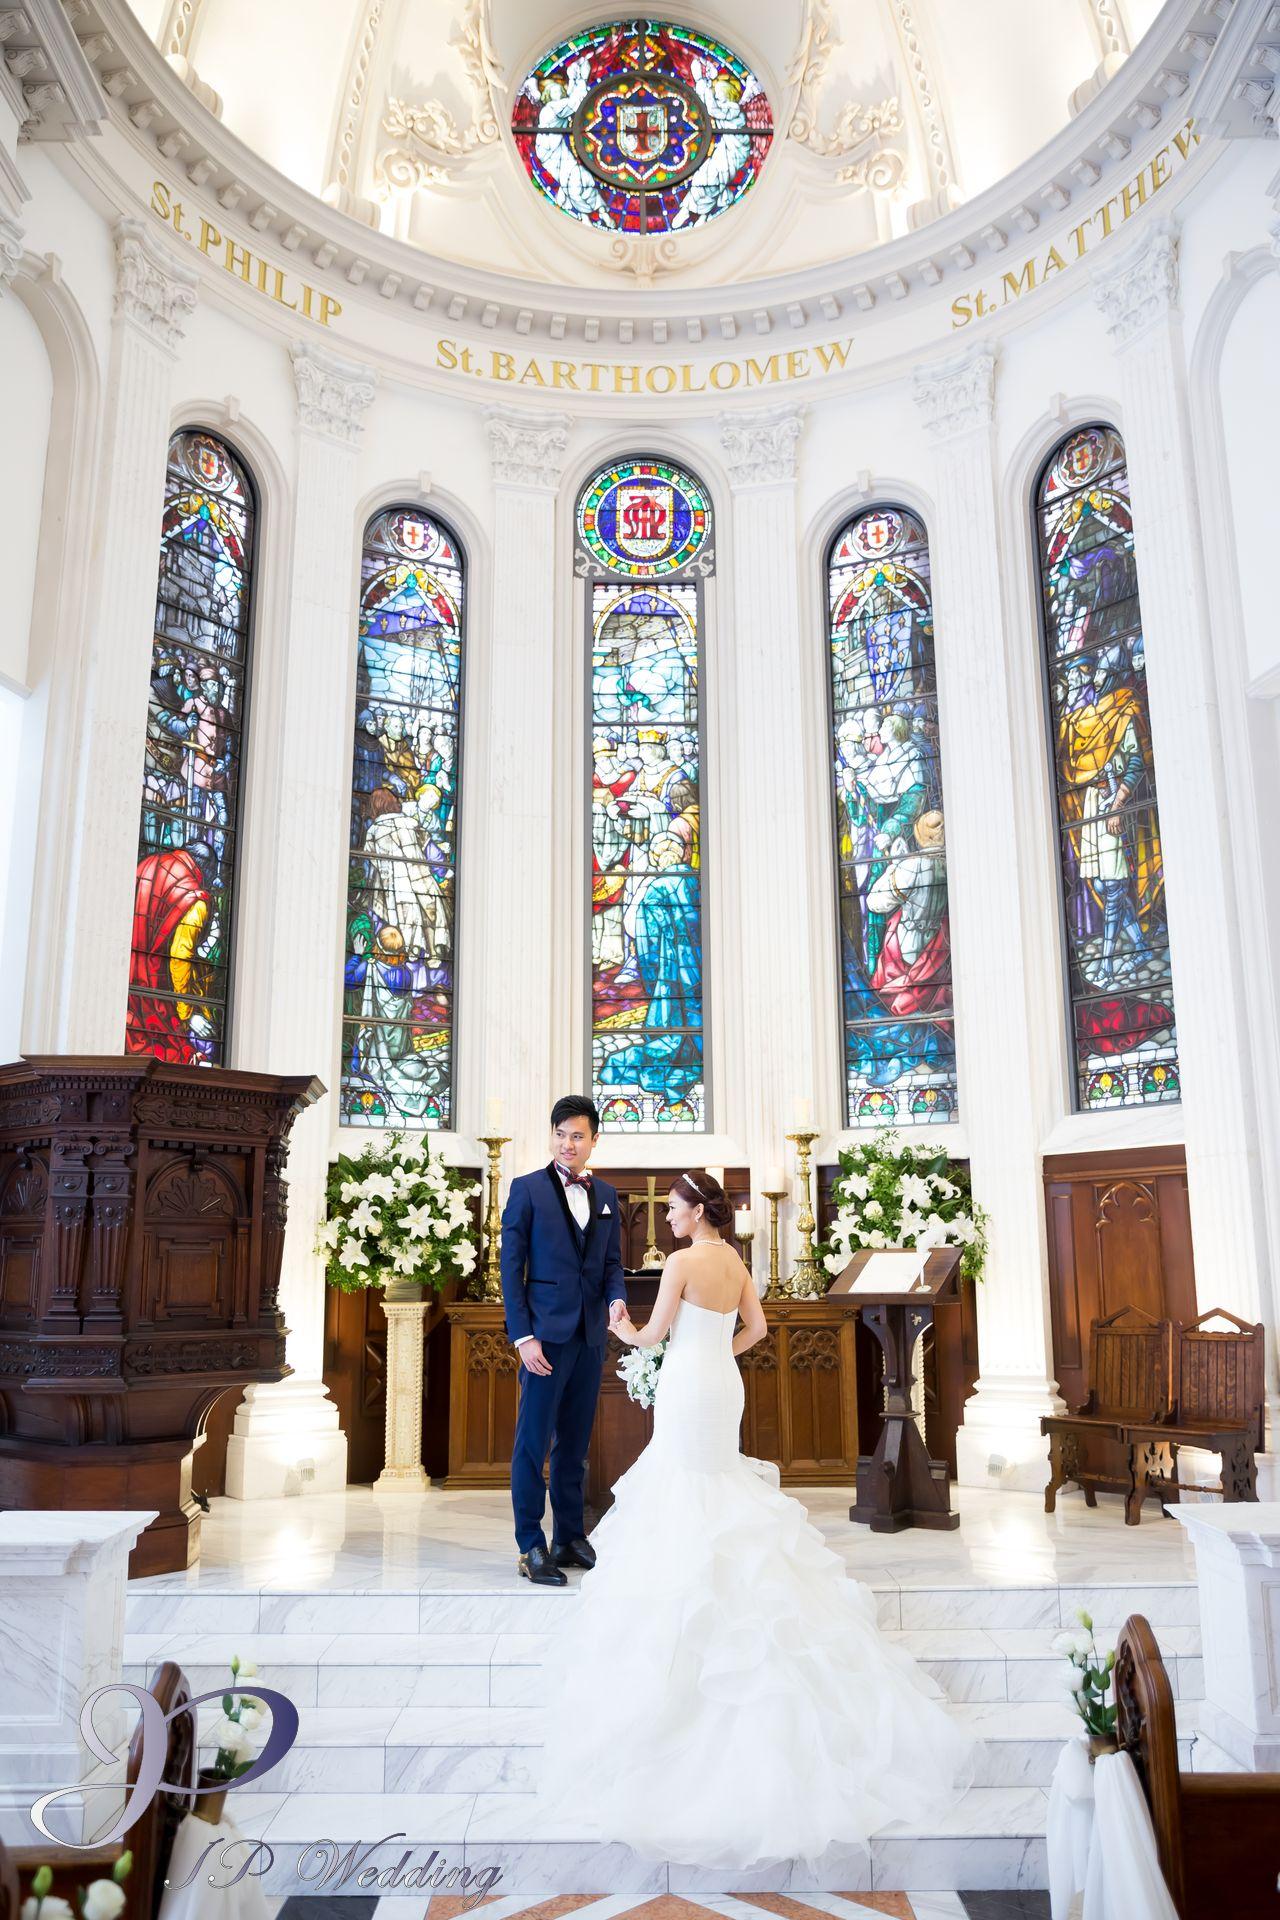 香港日本婚禮服務,教堂百花籠